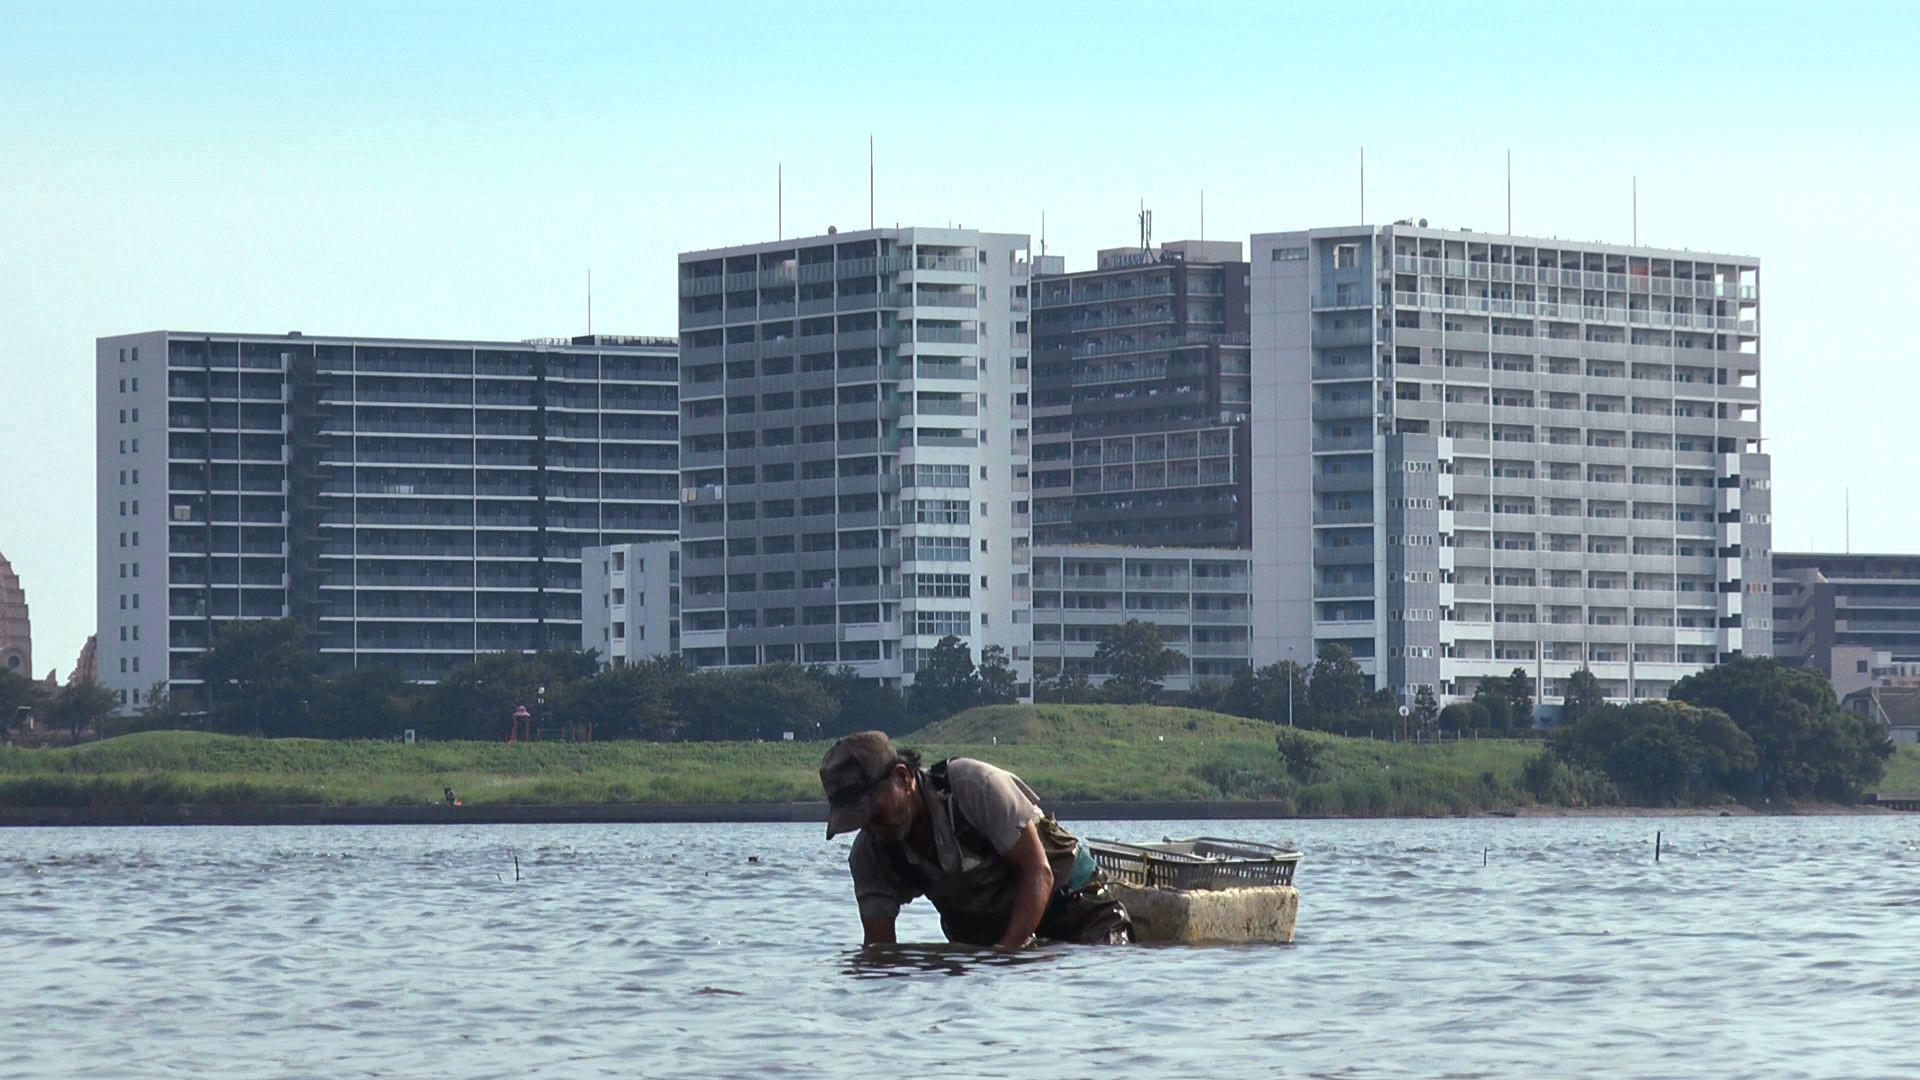 東京干潟場面写真